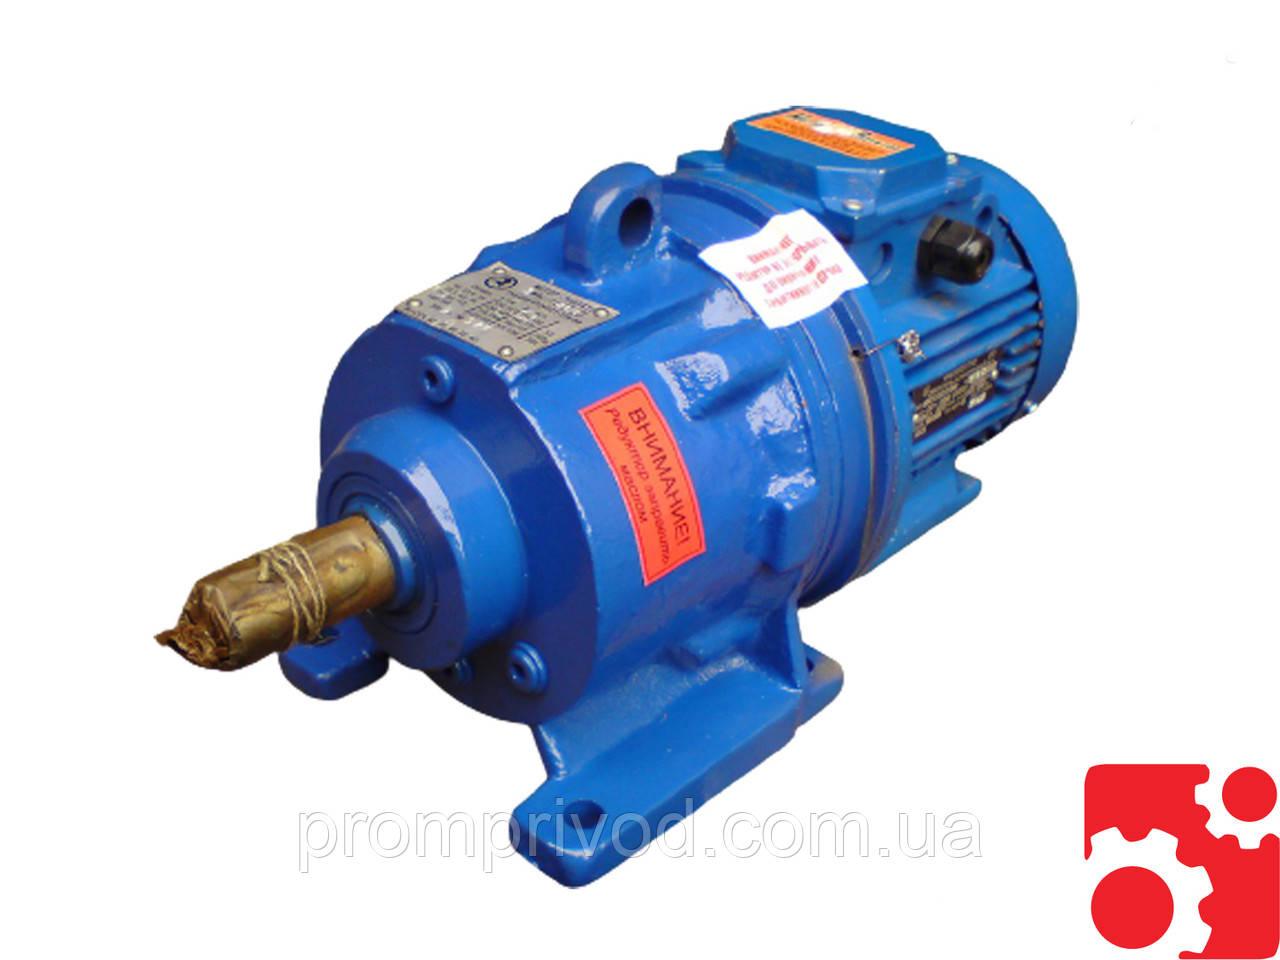 Мотор-редуктор 3МП-40 (45 об/мин, 1,1 кВт)